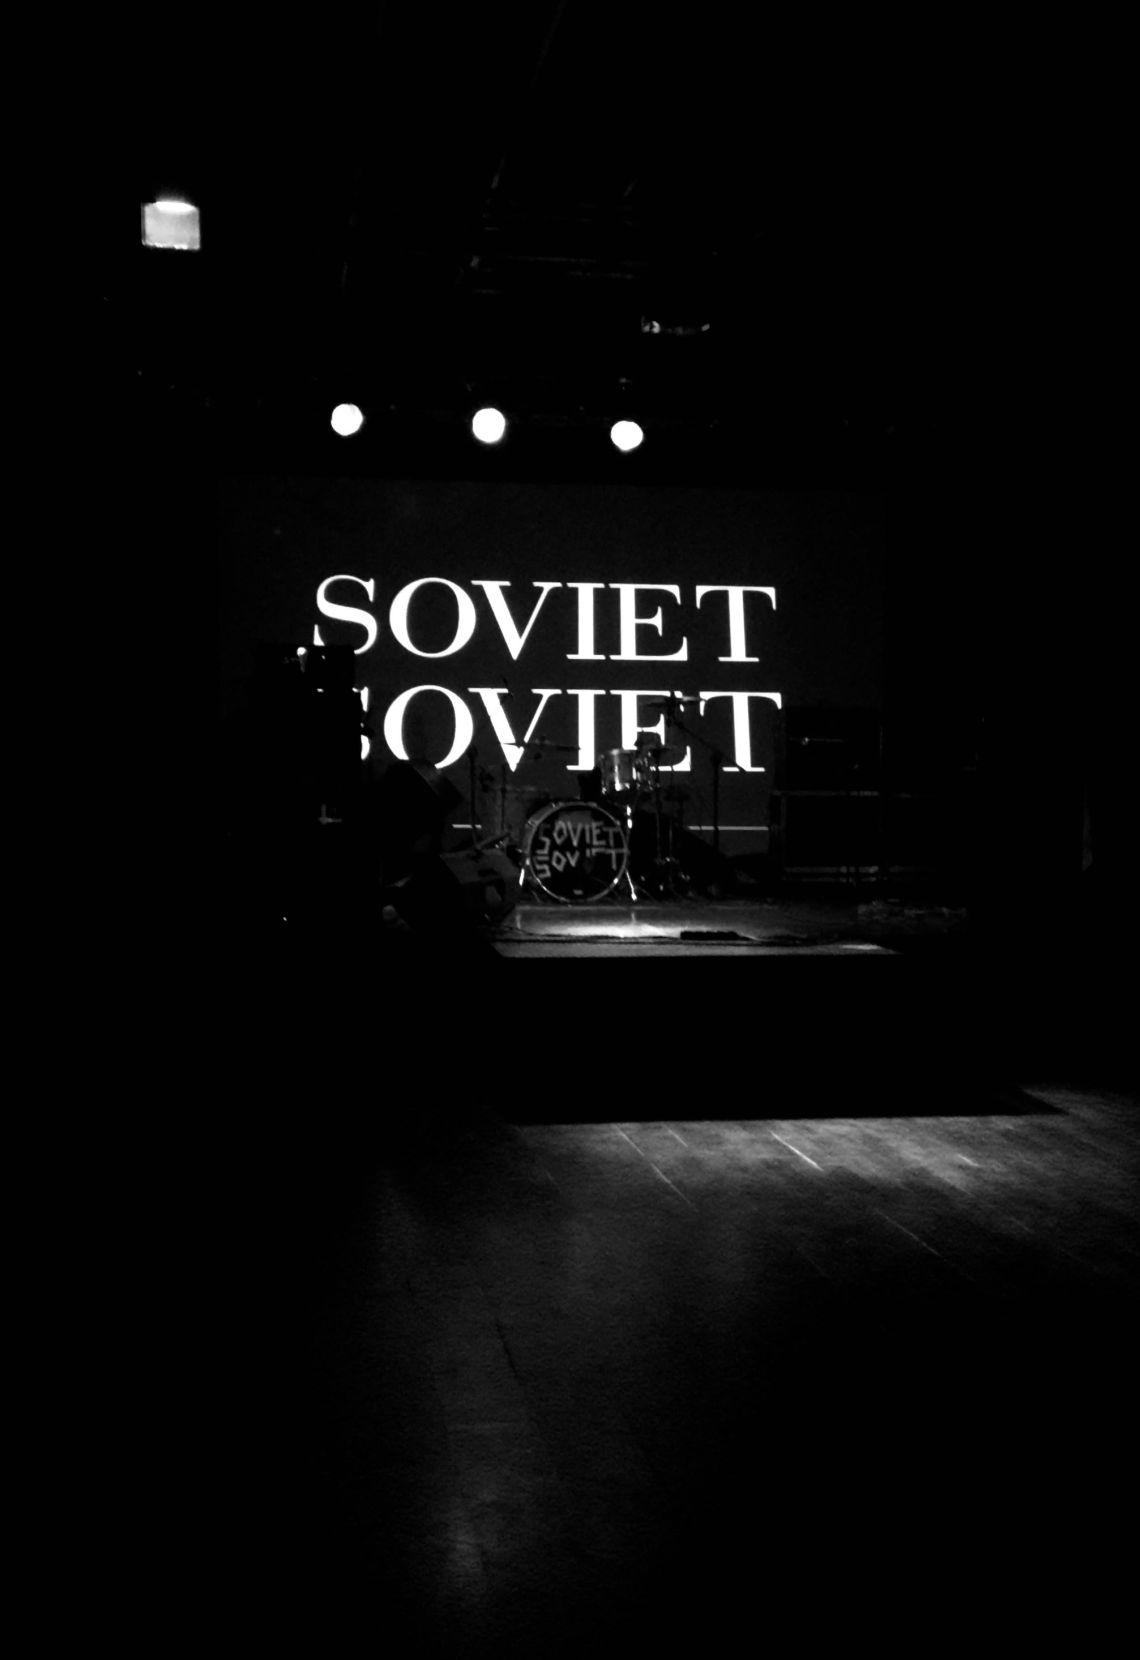 sovietsoviet